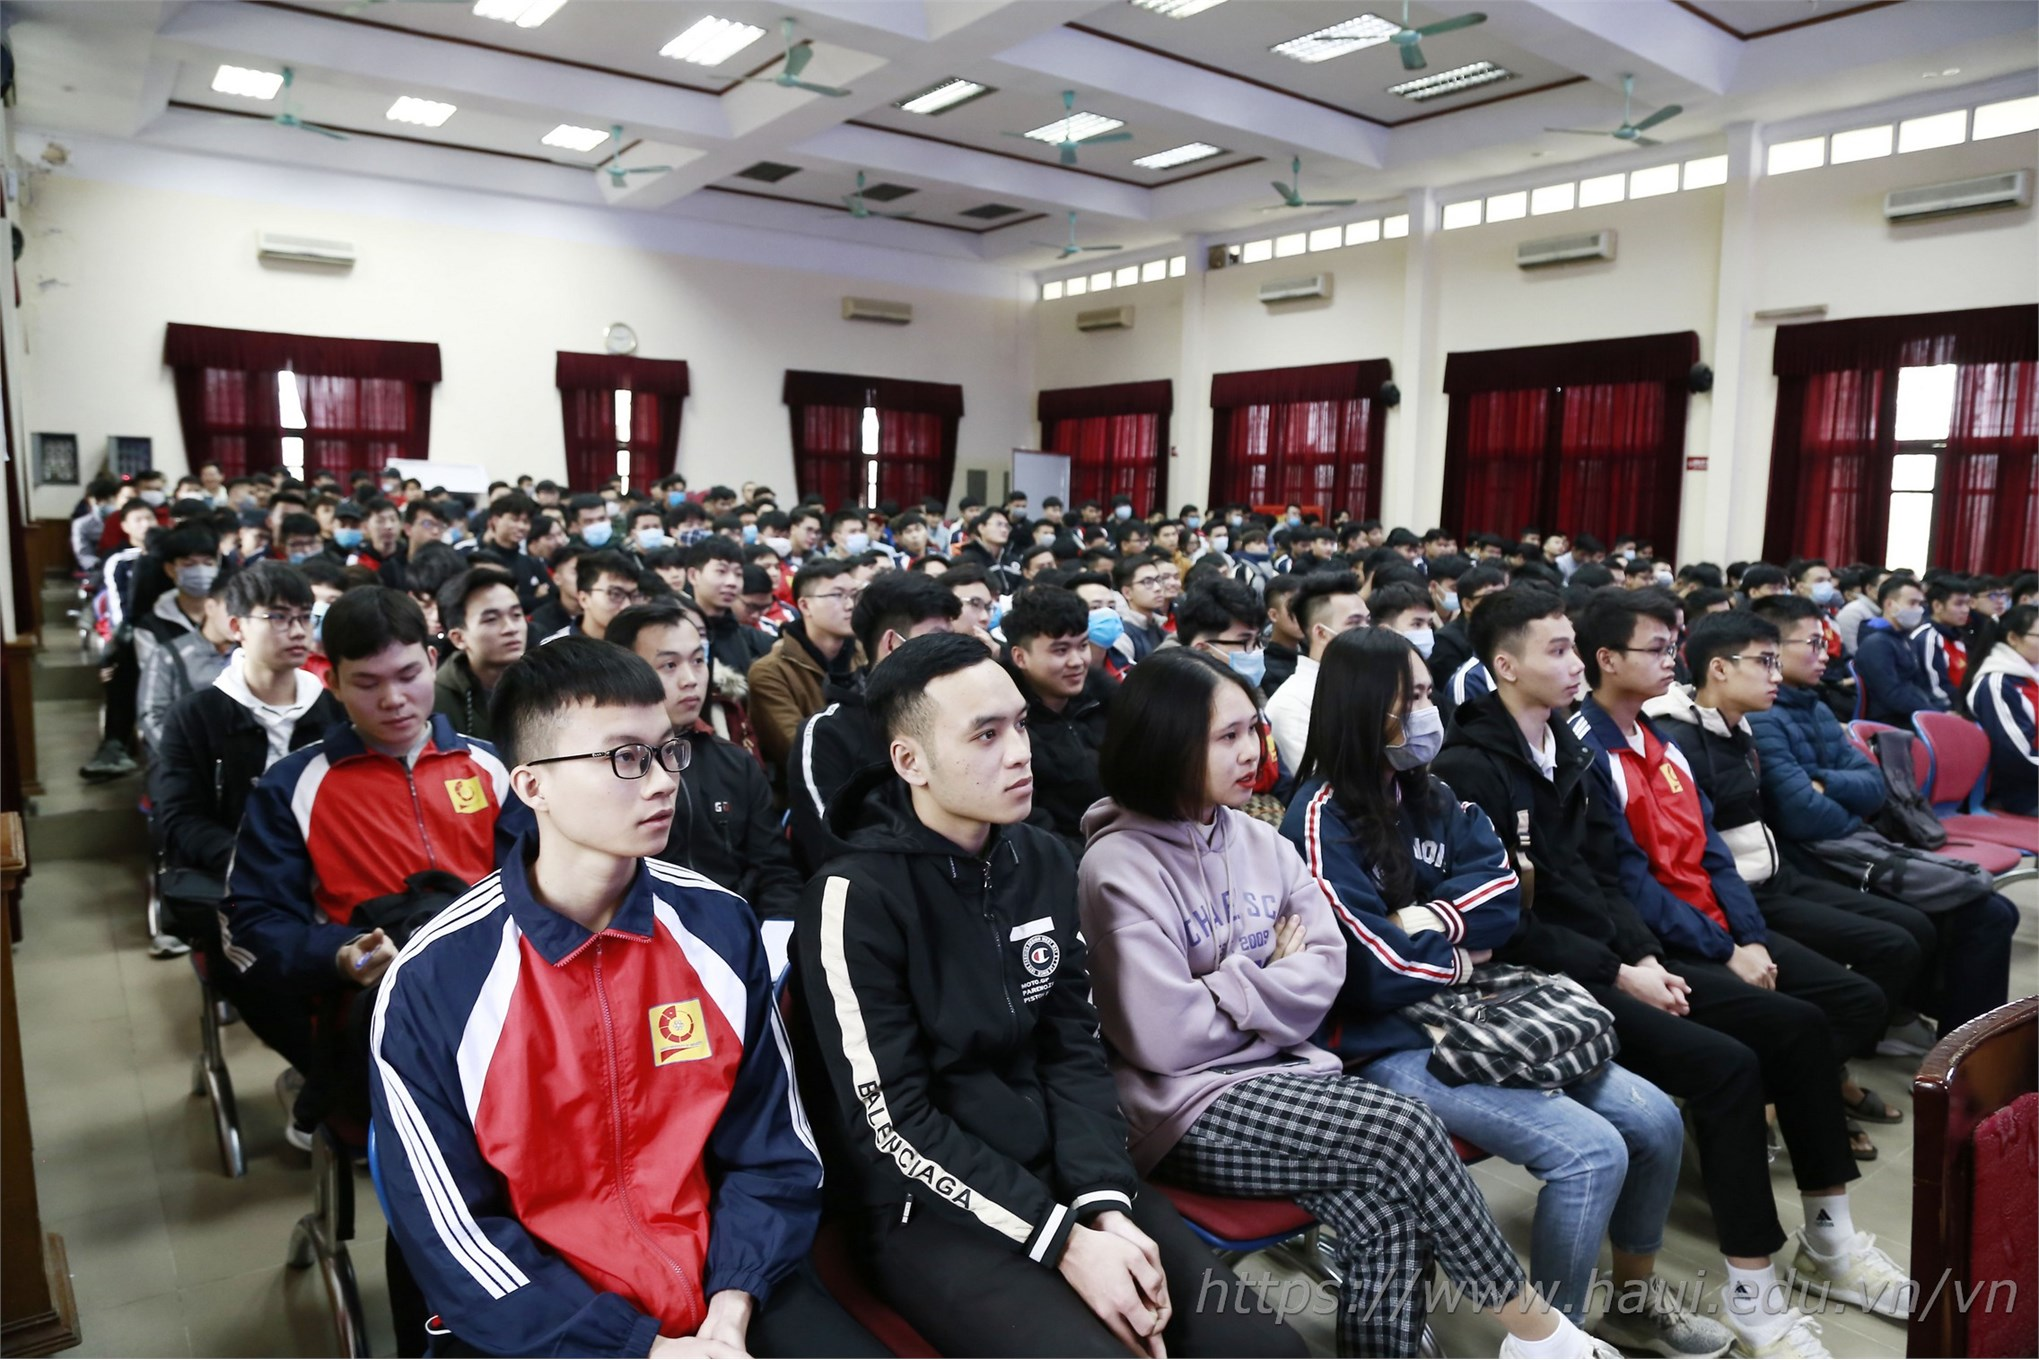 Hợp tác đào tạo giữa Đại học Công nghiệp Hà Nội và Công ty TNHH Nissan Automotive Technology Việt Nam